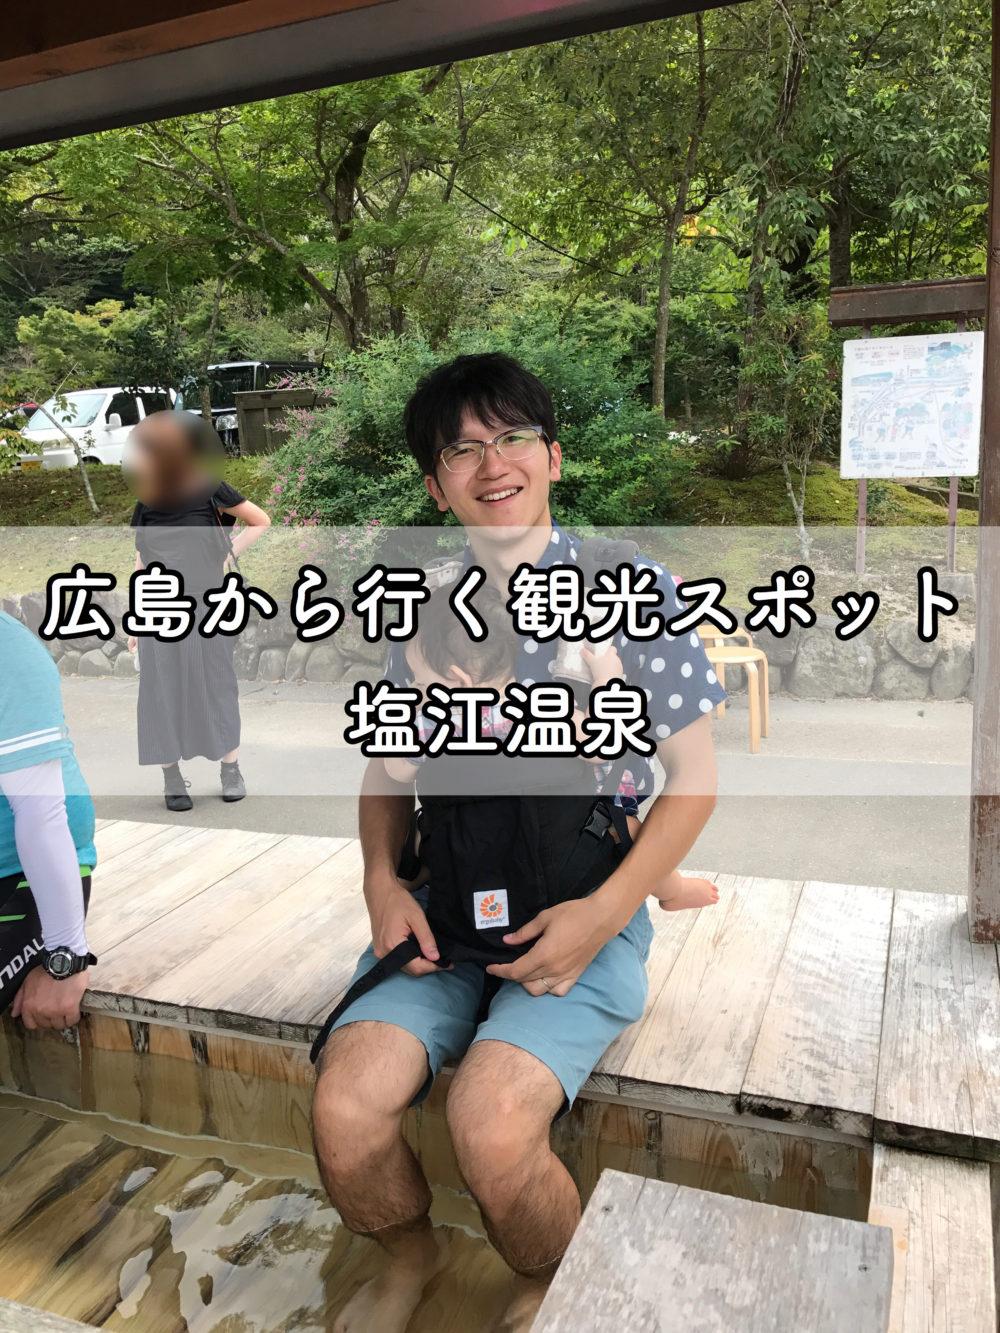 広島から行く観光スポット「香川県高松市 塩江温泉」